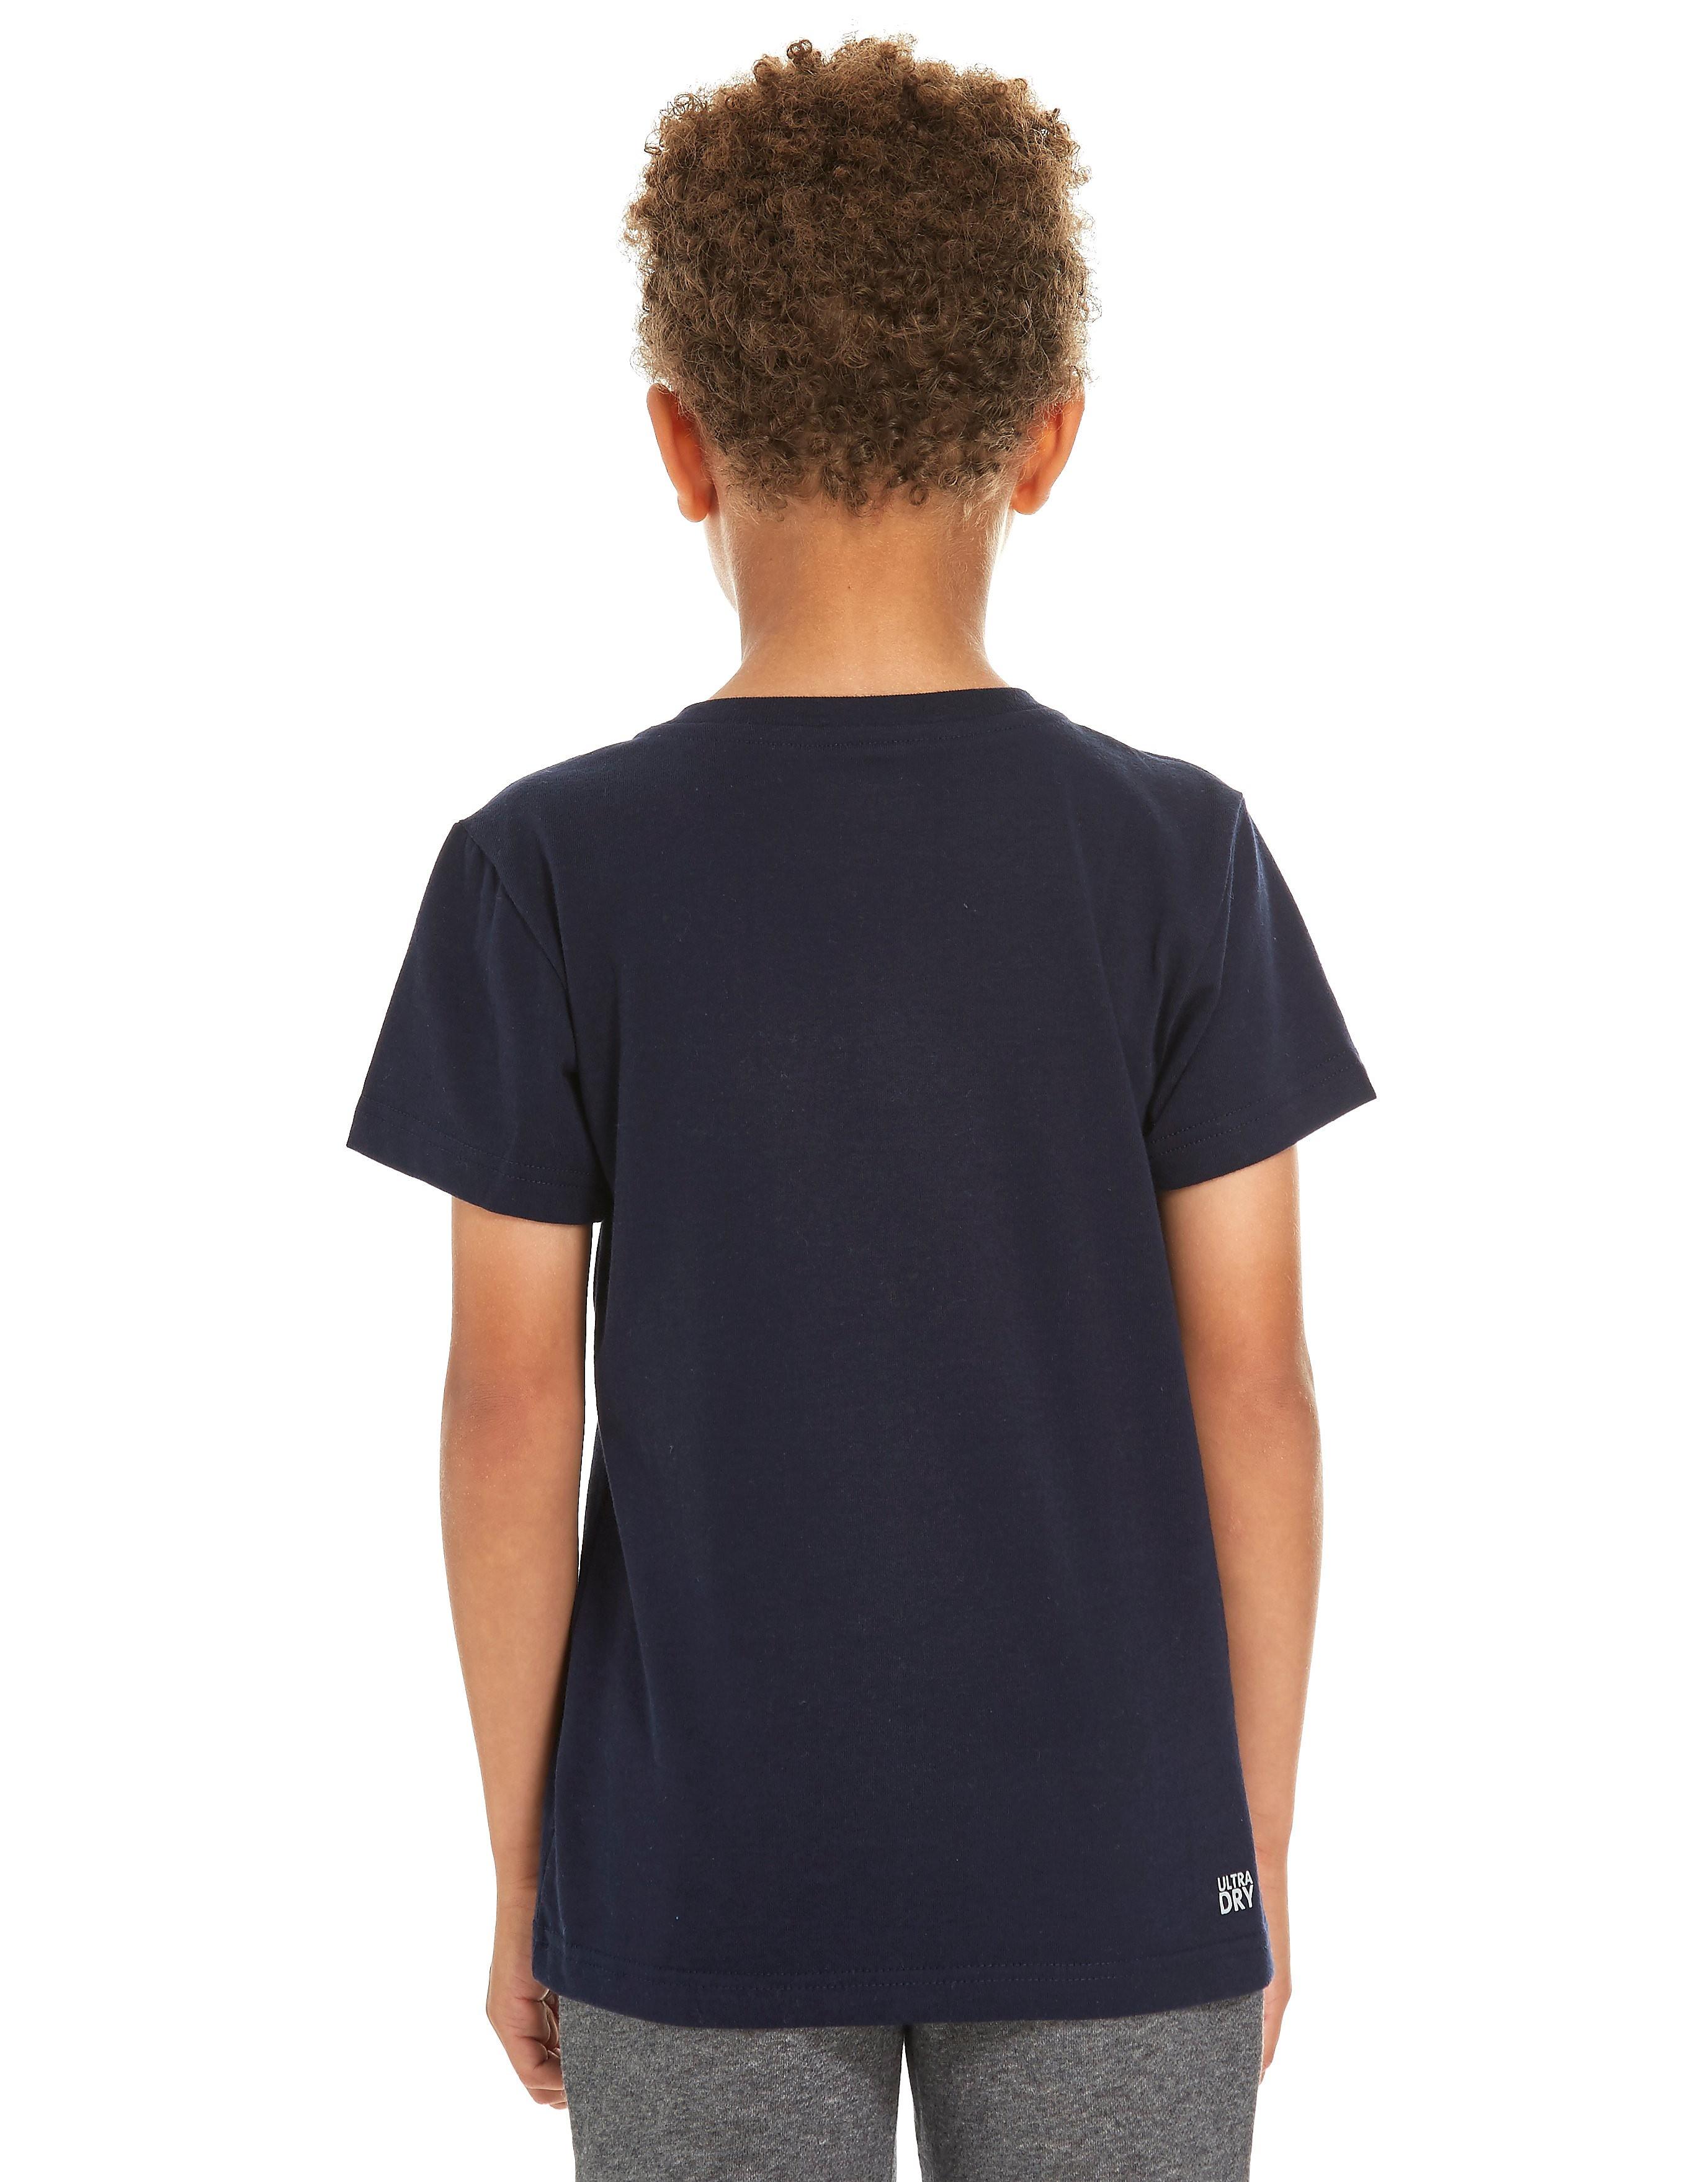 Lacoste Croc T-Shirt Children